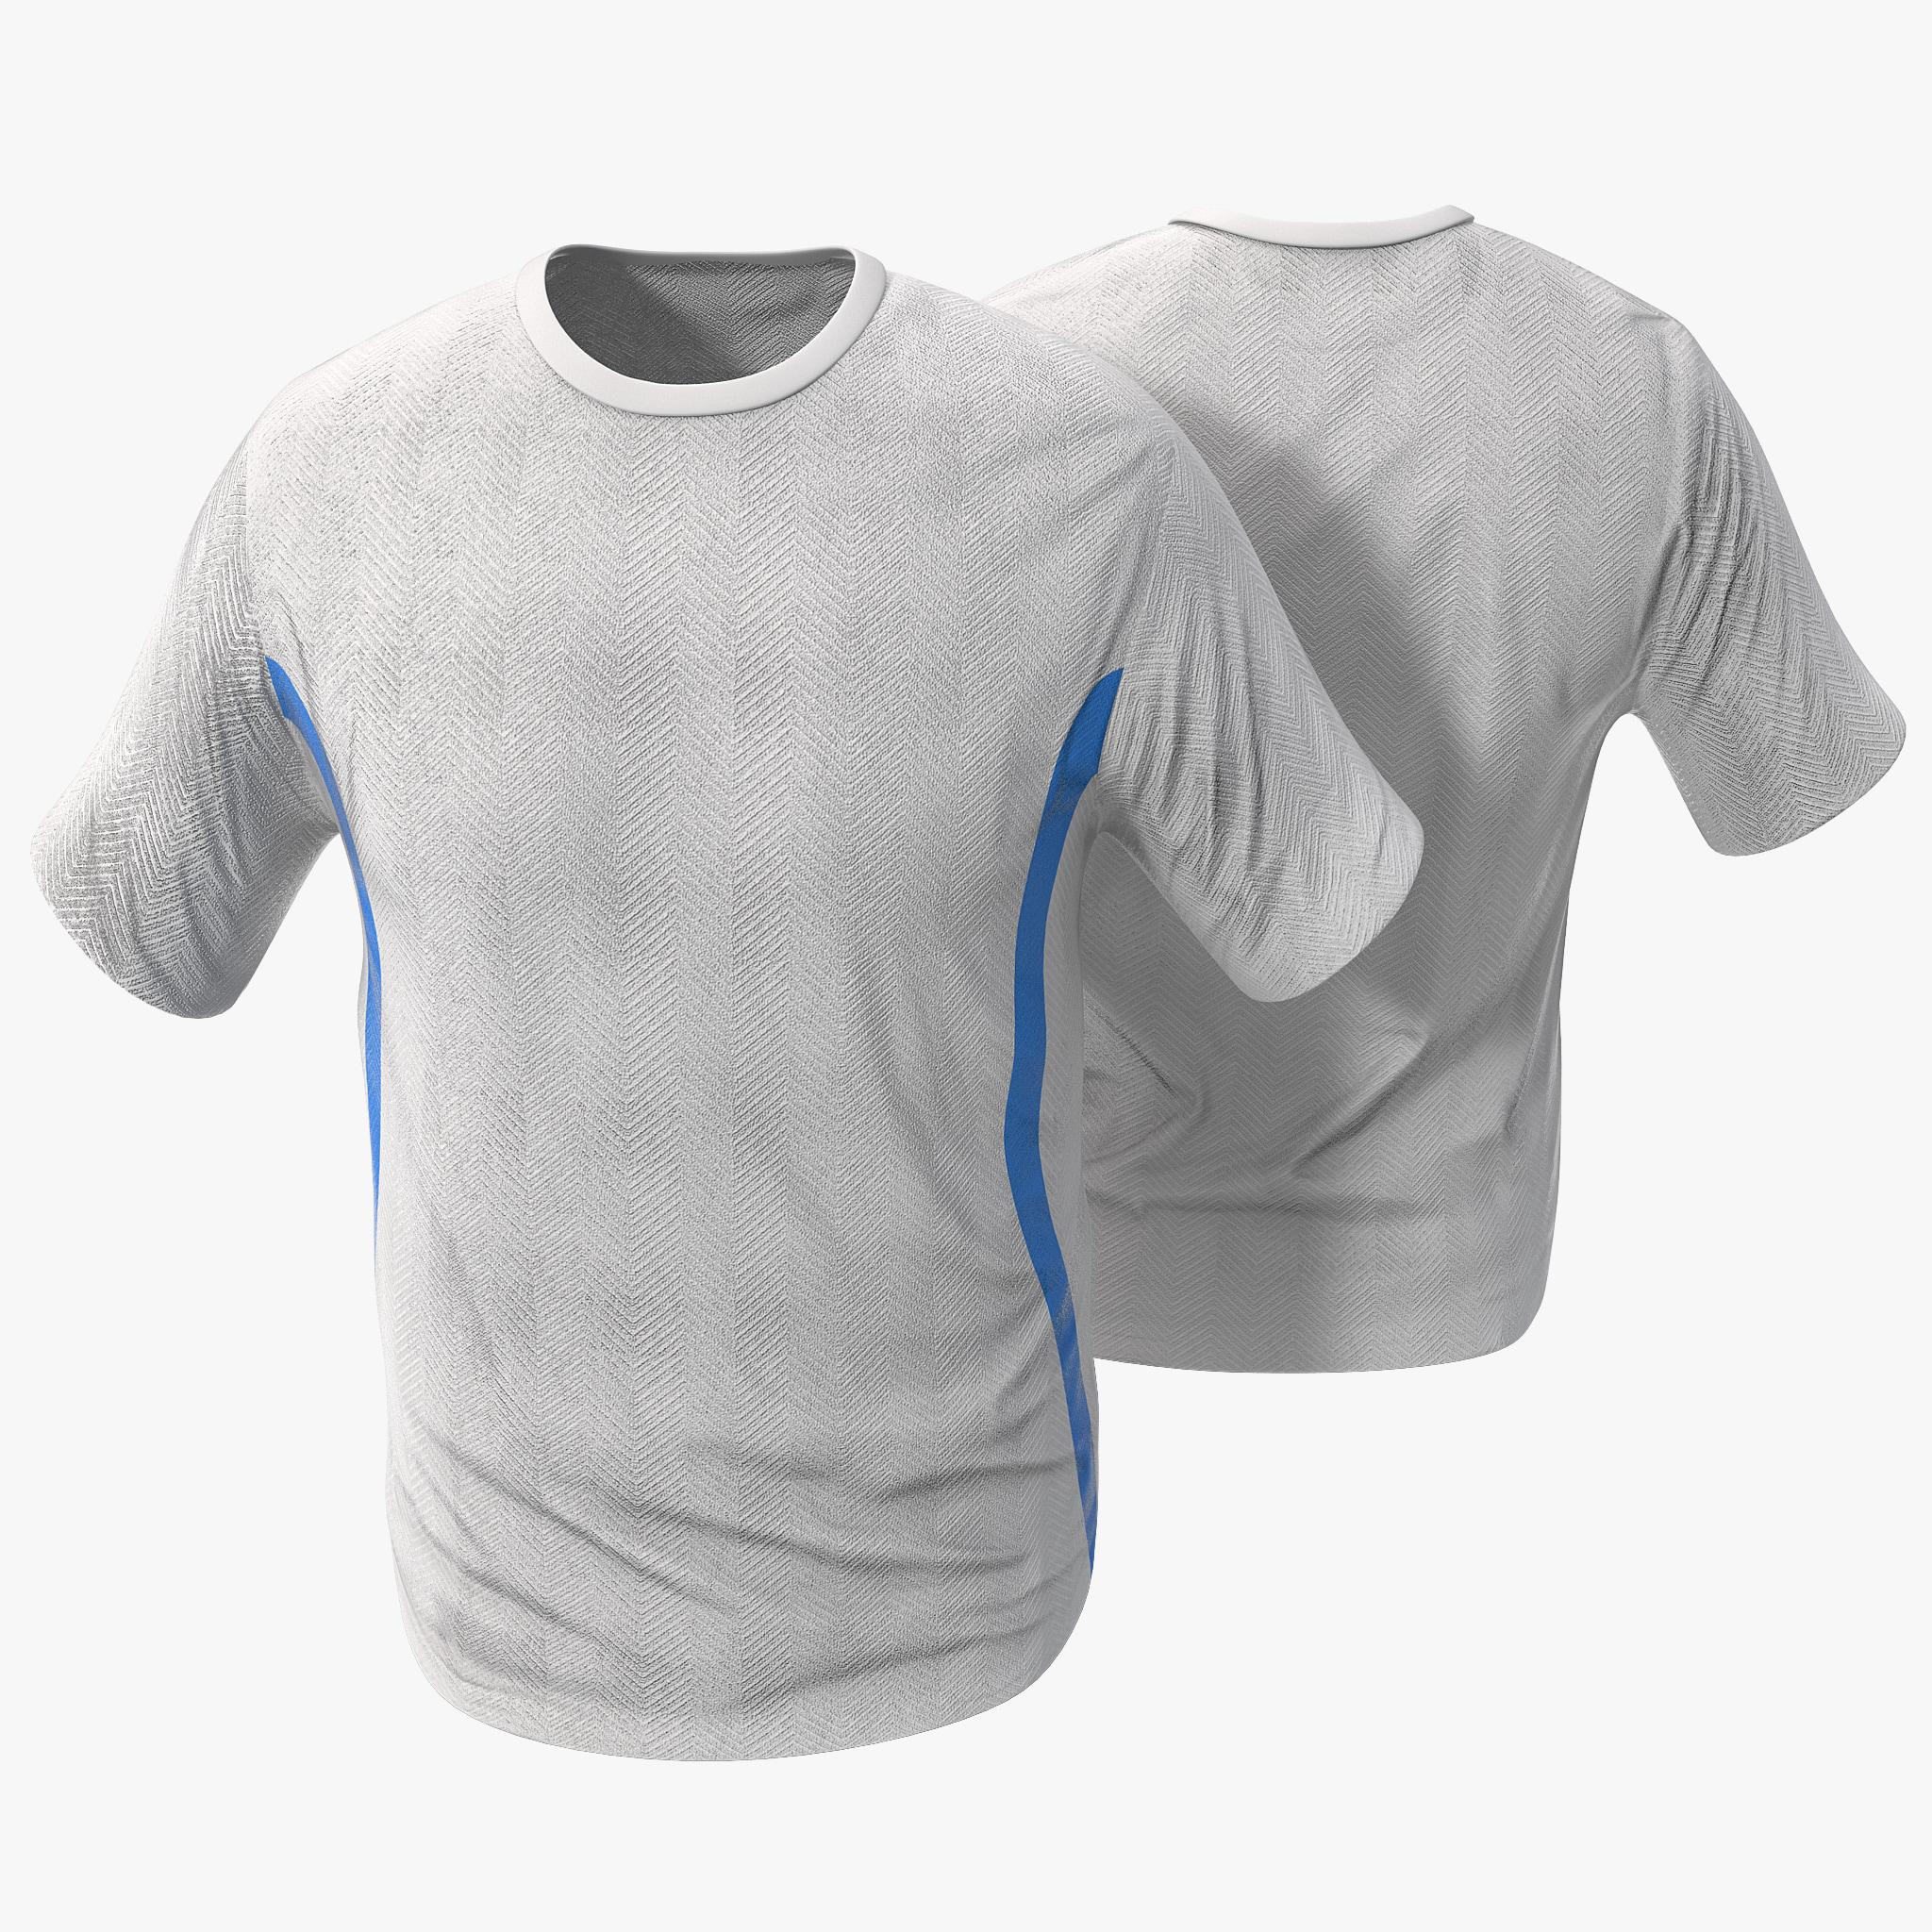 Tshirt_1.jpg